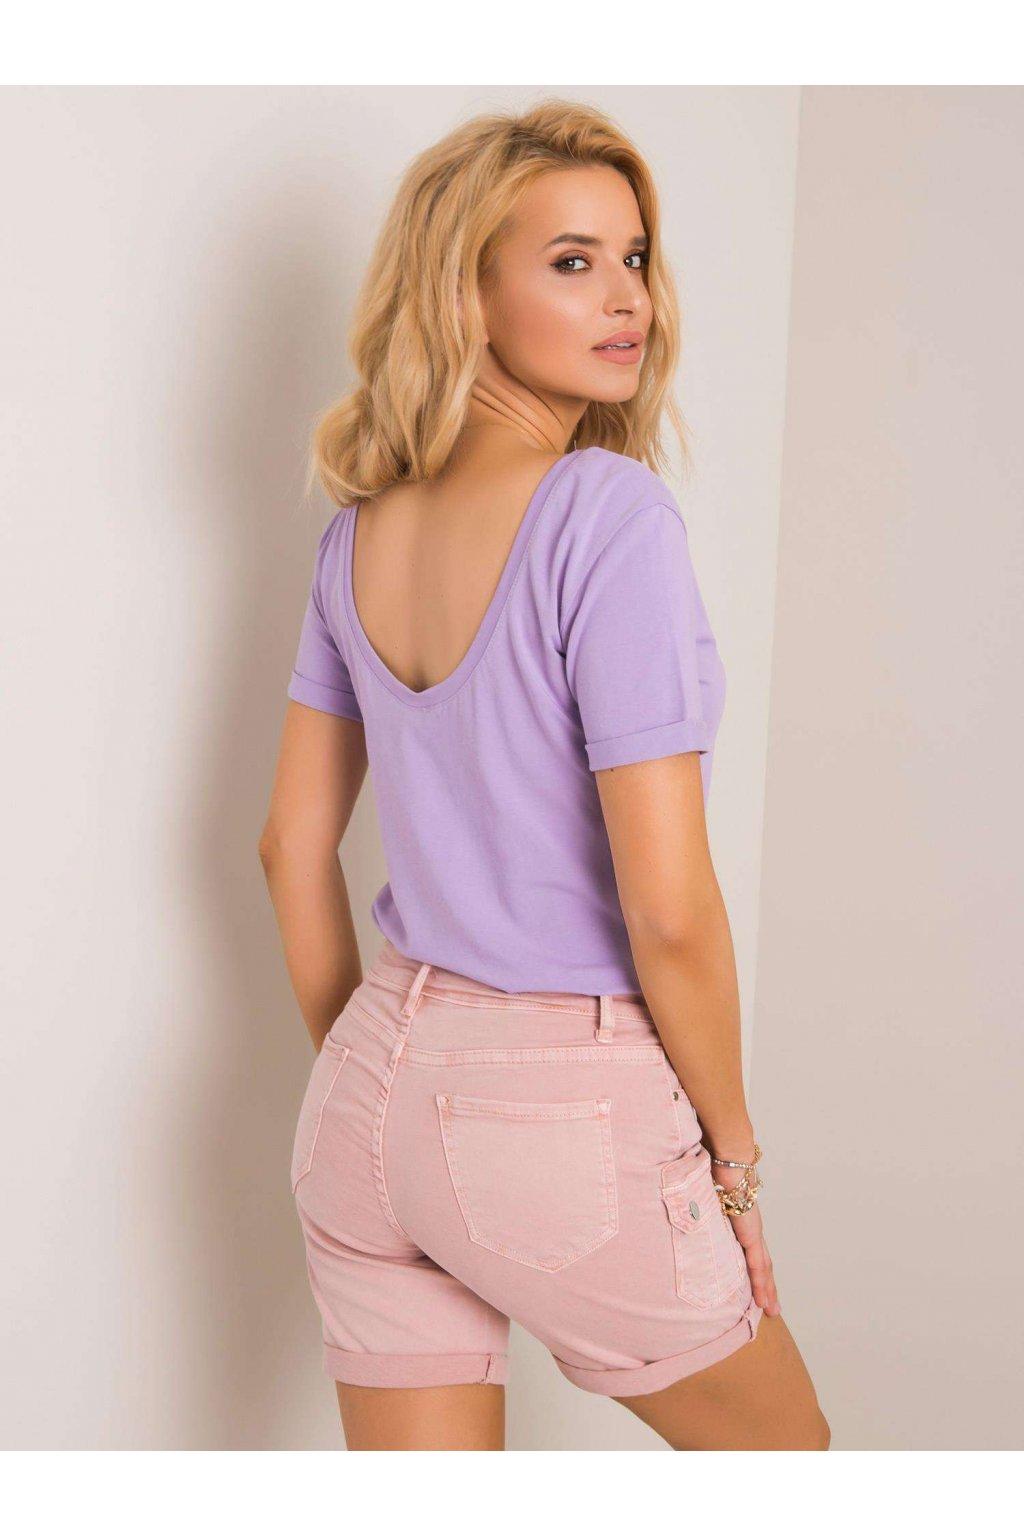 Dámske tričko s krátkym rukávom Lucie fialové